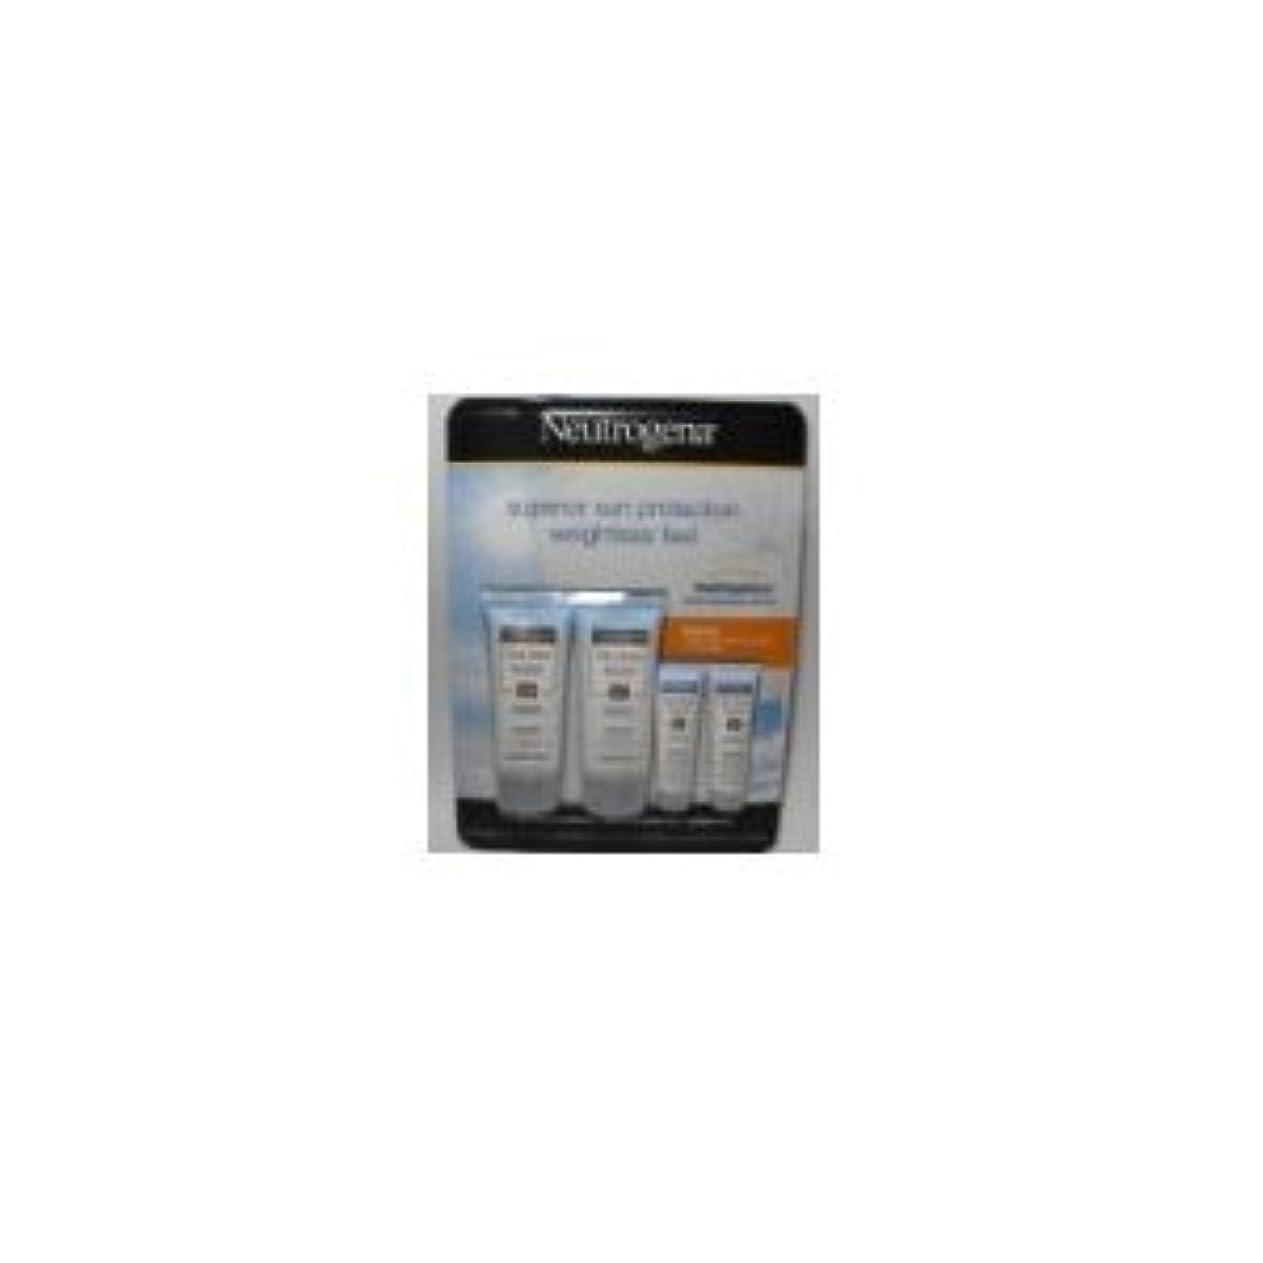 お買い得セット Neutrogena - ニュートロジーナ ドライタッチ サンブロック SPF55 (ウルトラシアー) Ultra Sheer Dry-Touch Sunblock SPF55 海外直送品?並行輸入品